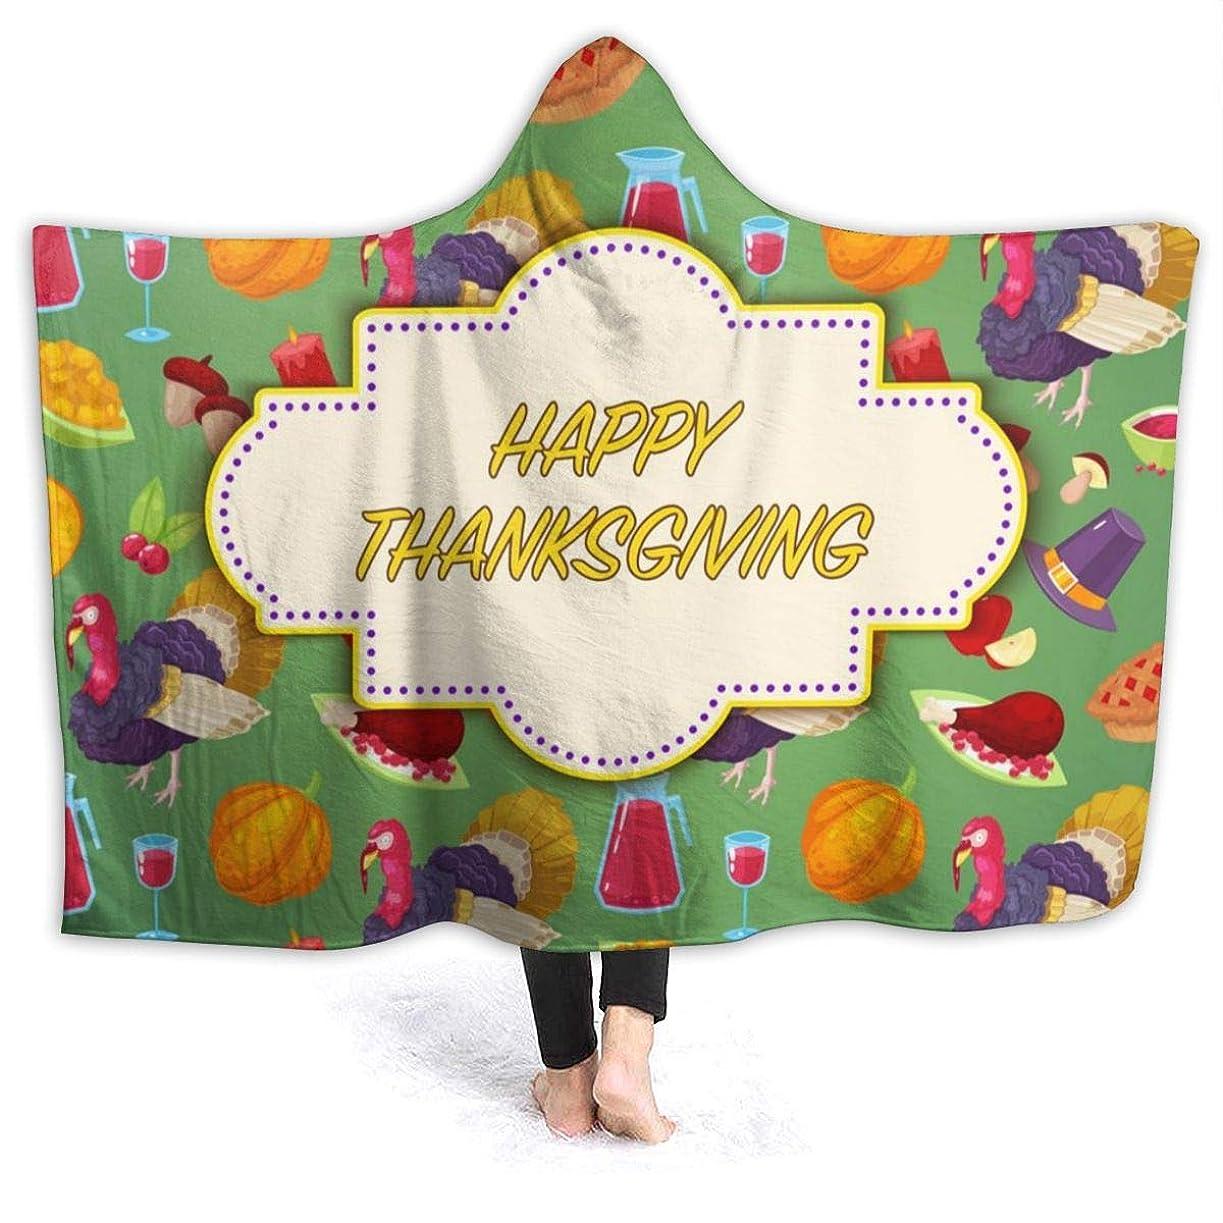 解釈電球中止しますYONHXJLAZ Thanksgiving Day 毛布 フード付き ブランケット 大判 タオルケット厚手 オールシーズン快適 軽量 抗菌防臭 防ダニ加工 オシャレ 携帯用,車用,オフィス用